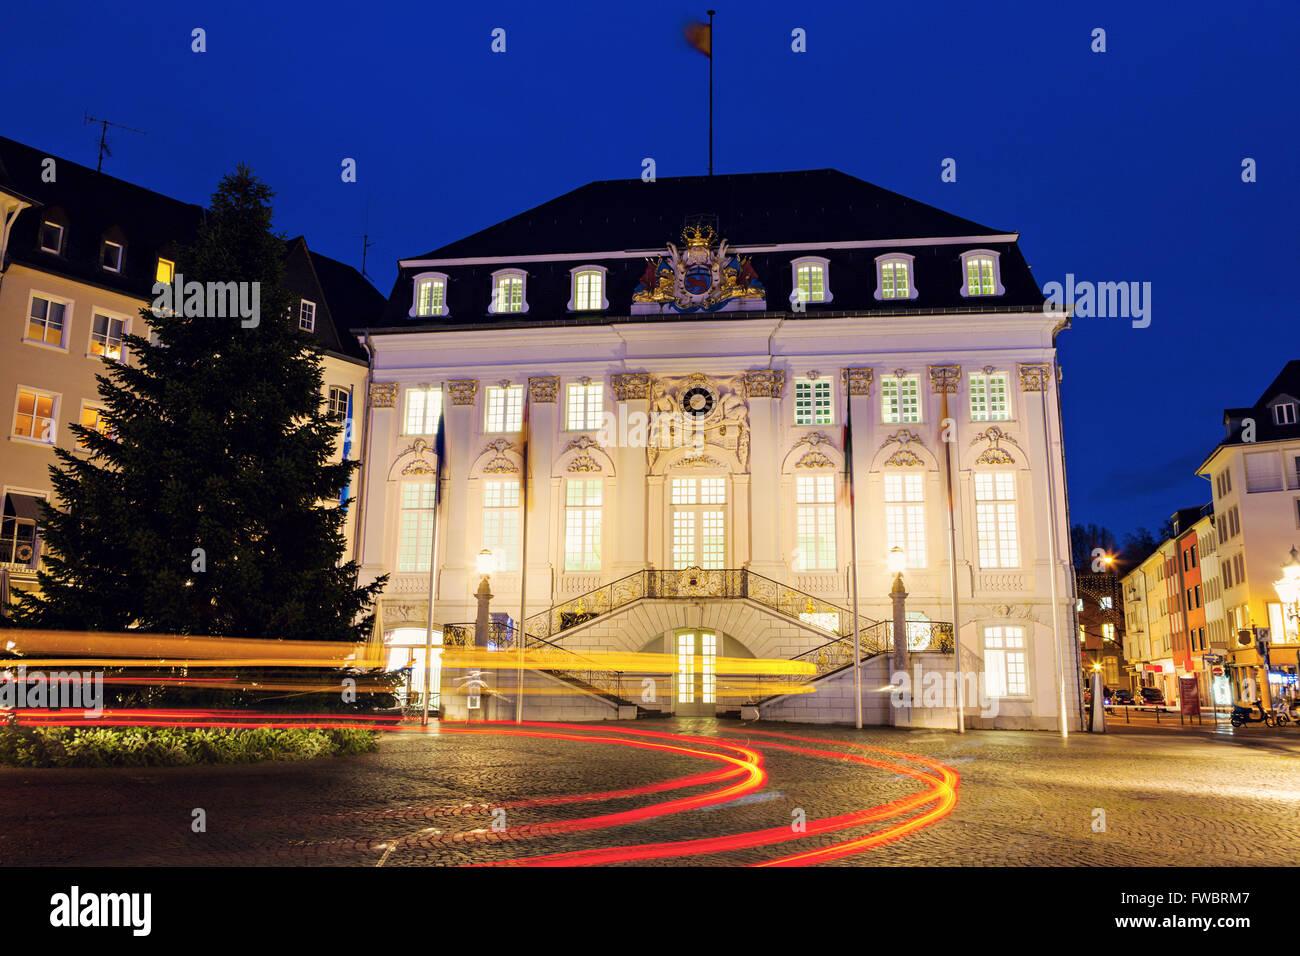 Bonn Rathaus at night - Stock Image